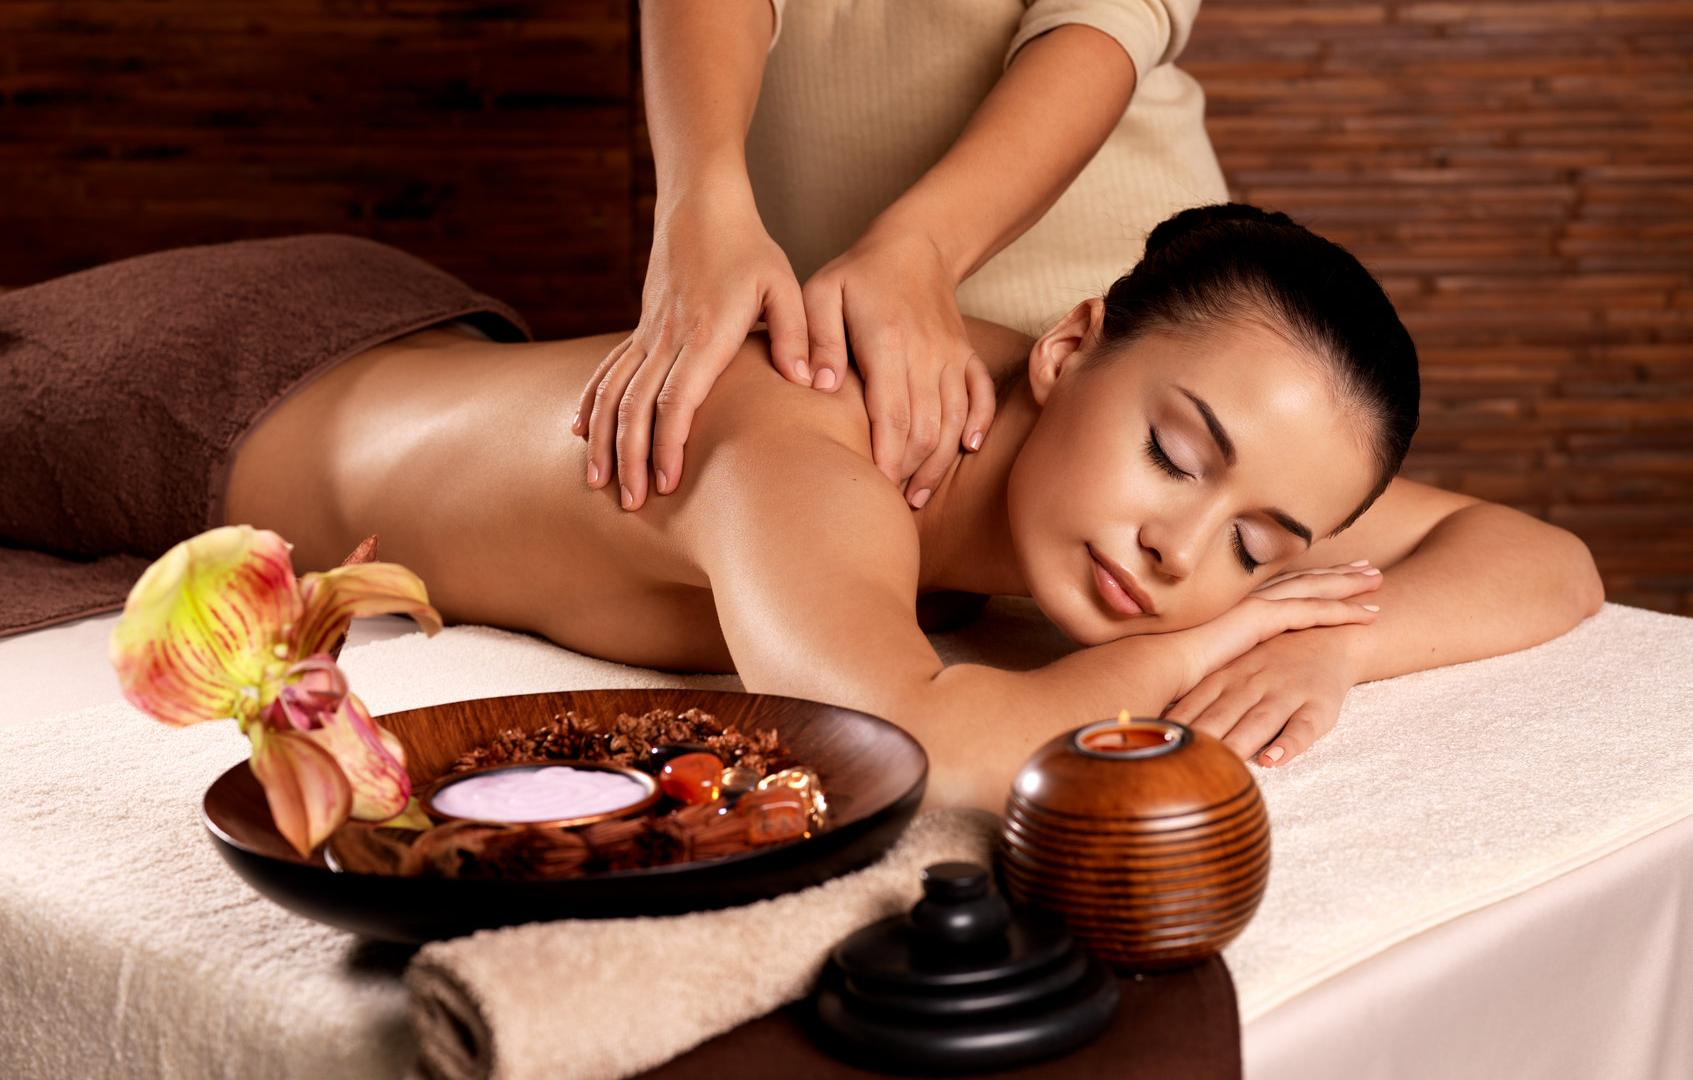 salon-eroticheskogo-massazha-programmi